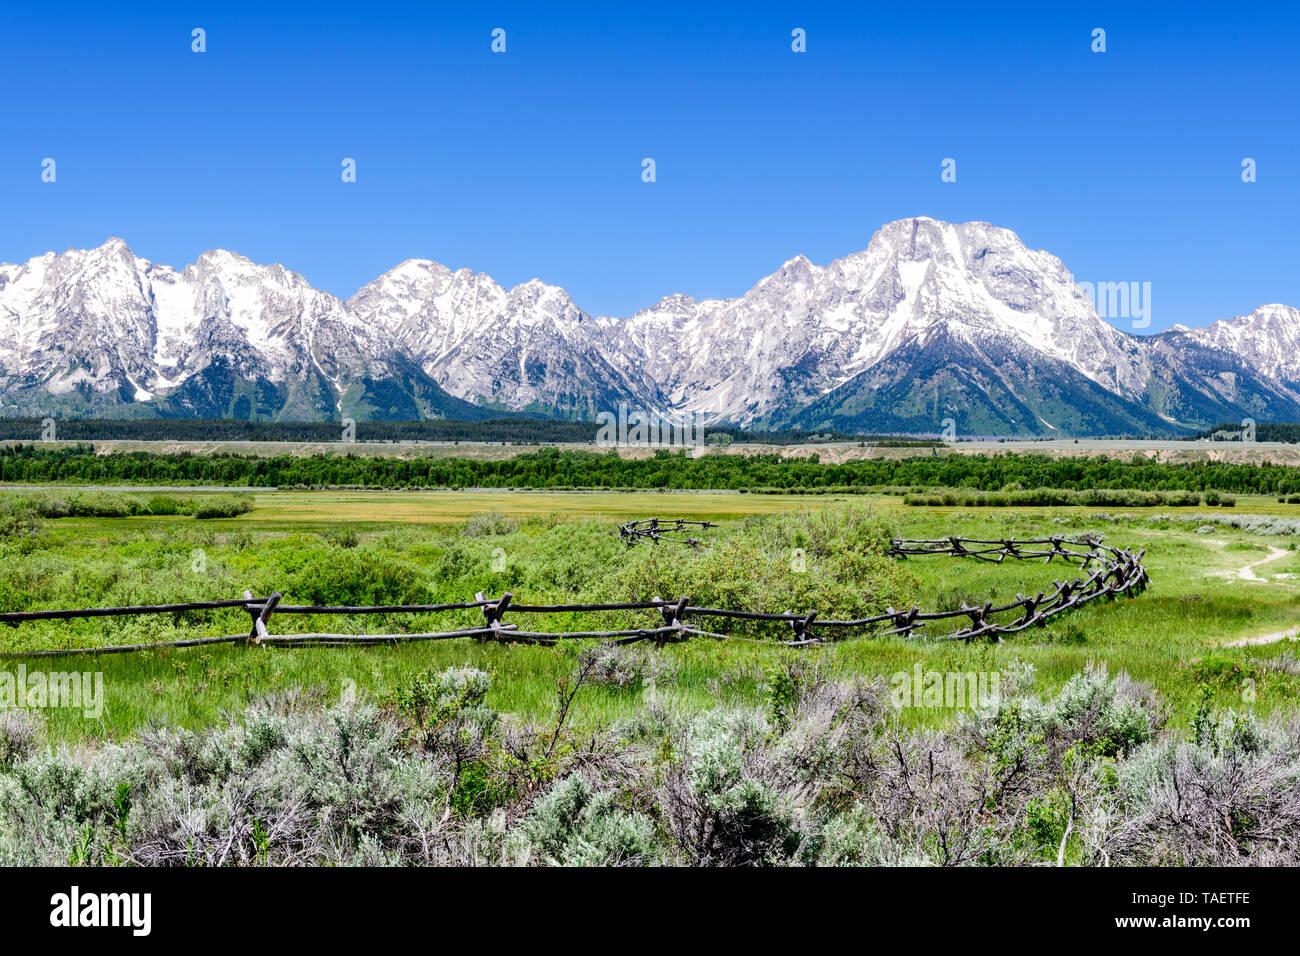 Une clôture avec le Grand Tetons en arrière-plan dans le Grand Teton National Park près de Jackson Hole, Wyoming USA. Banque D'Images